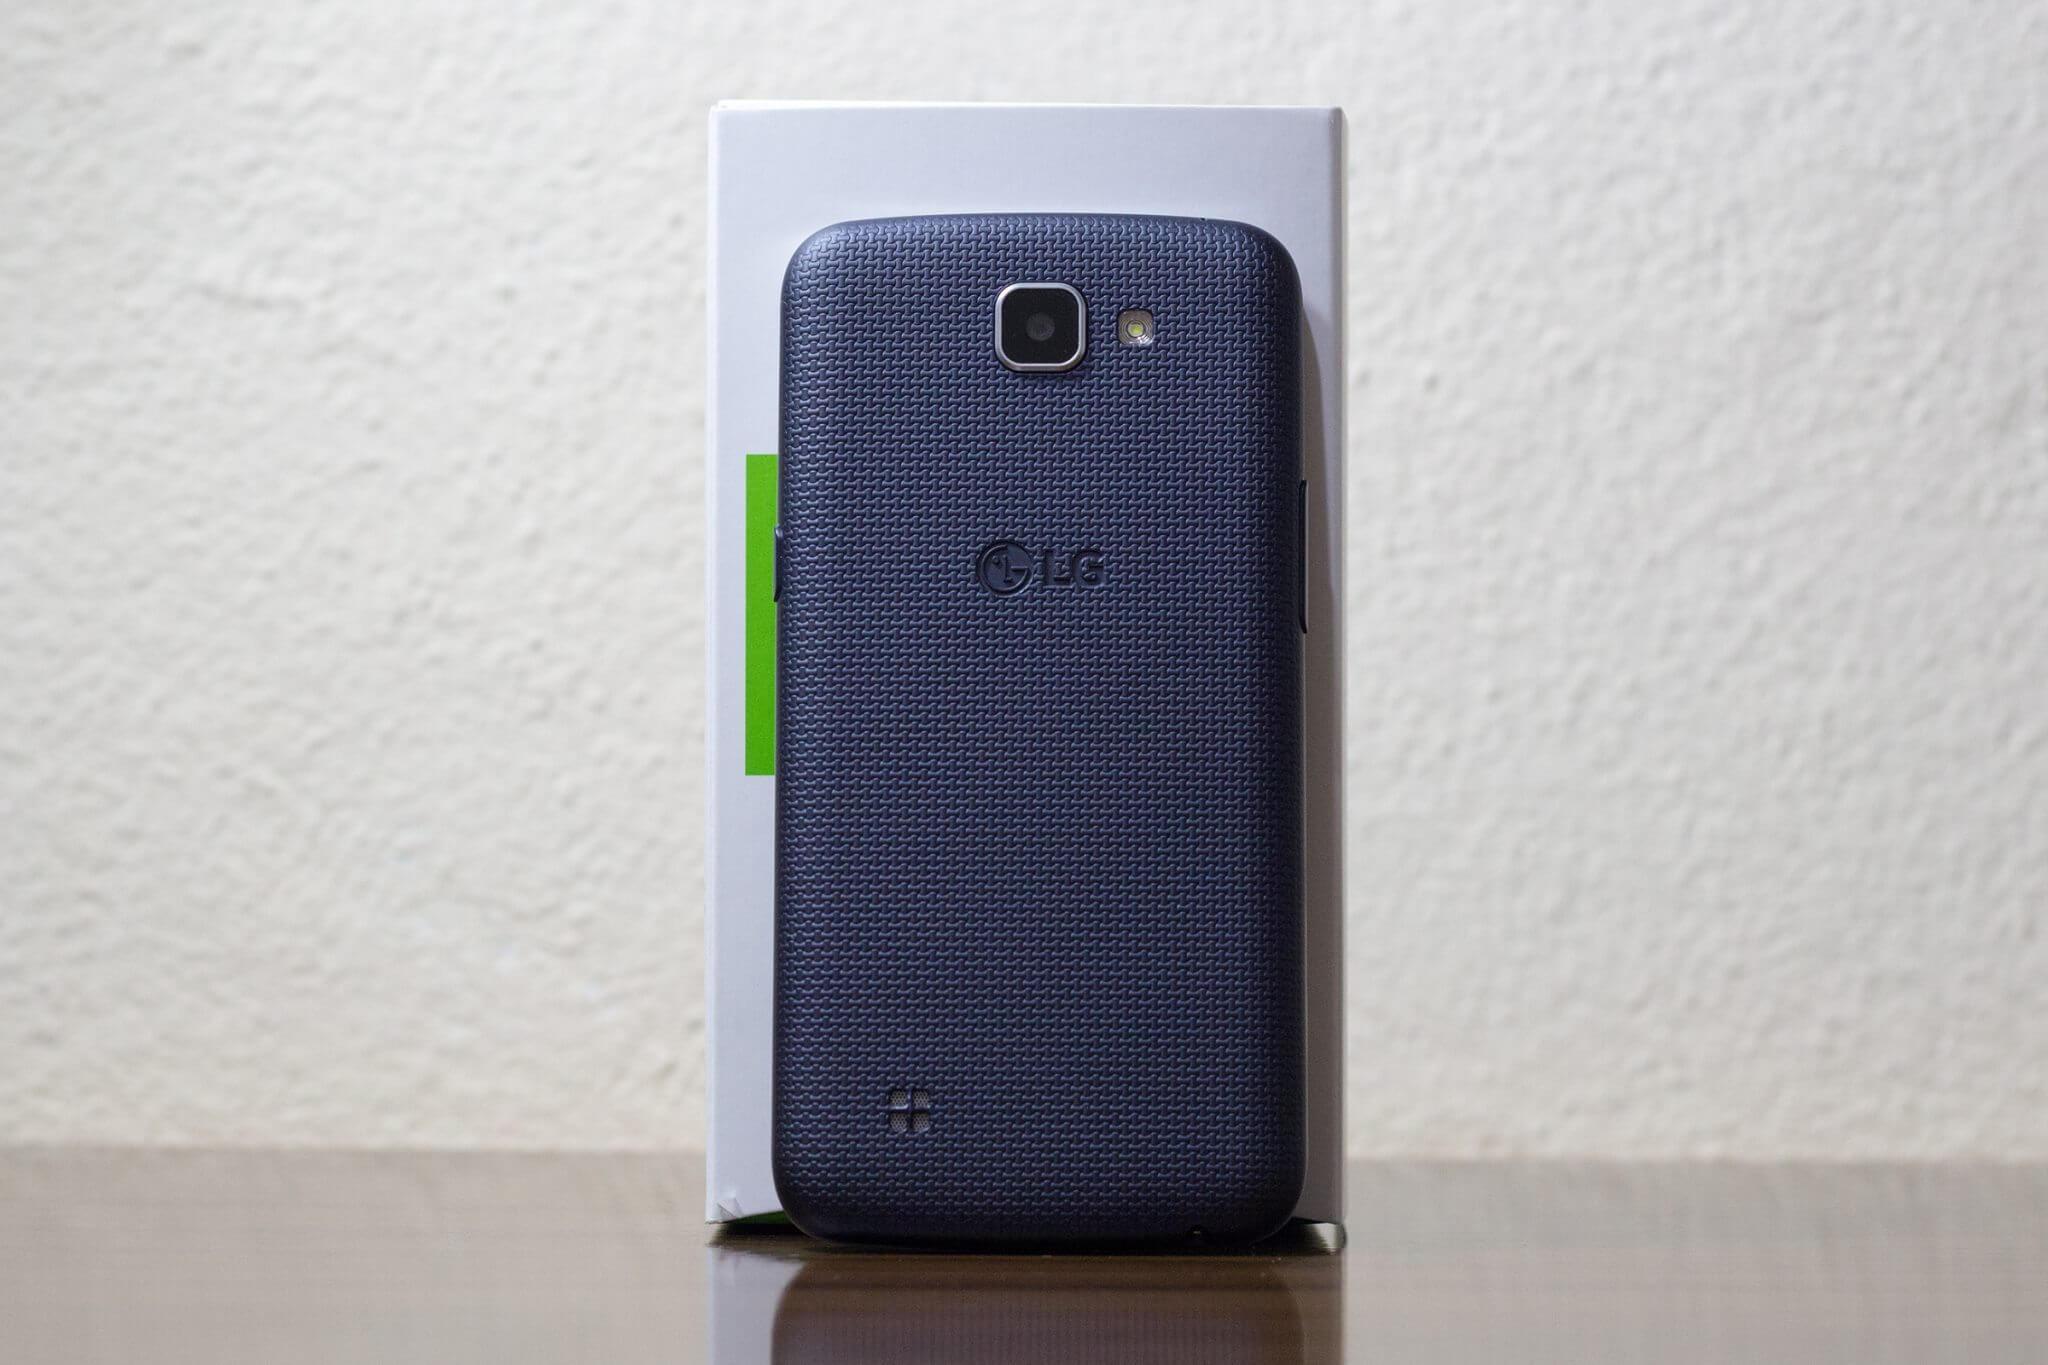 lg k4 2 - Review: LG K4 - o novo modelo de entrada da LG